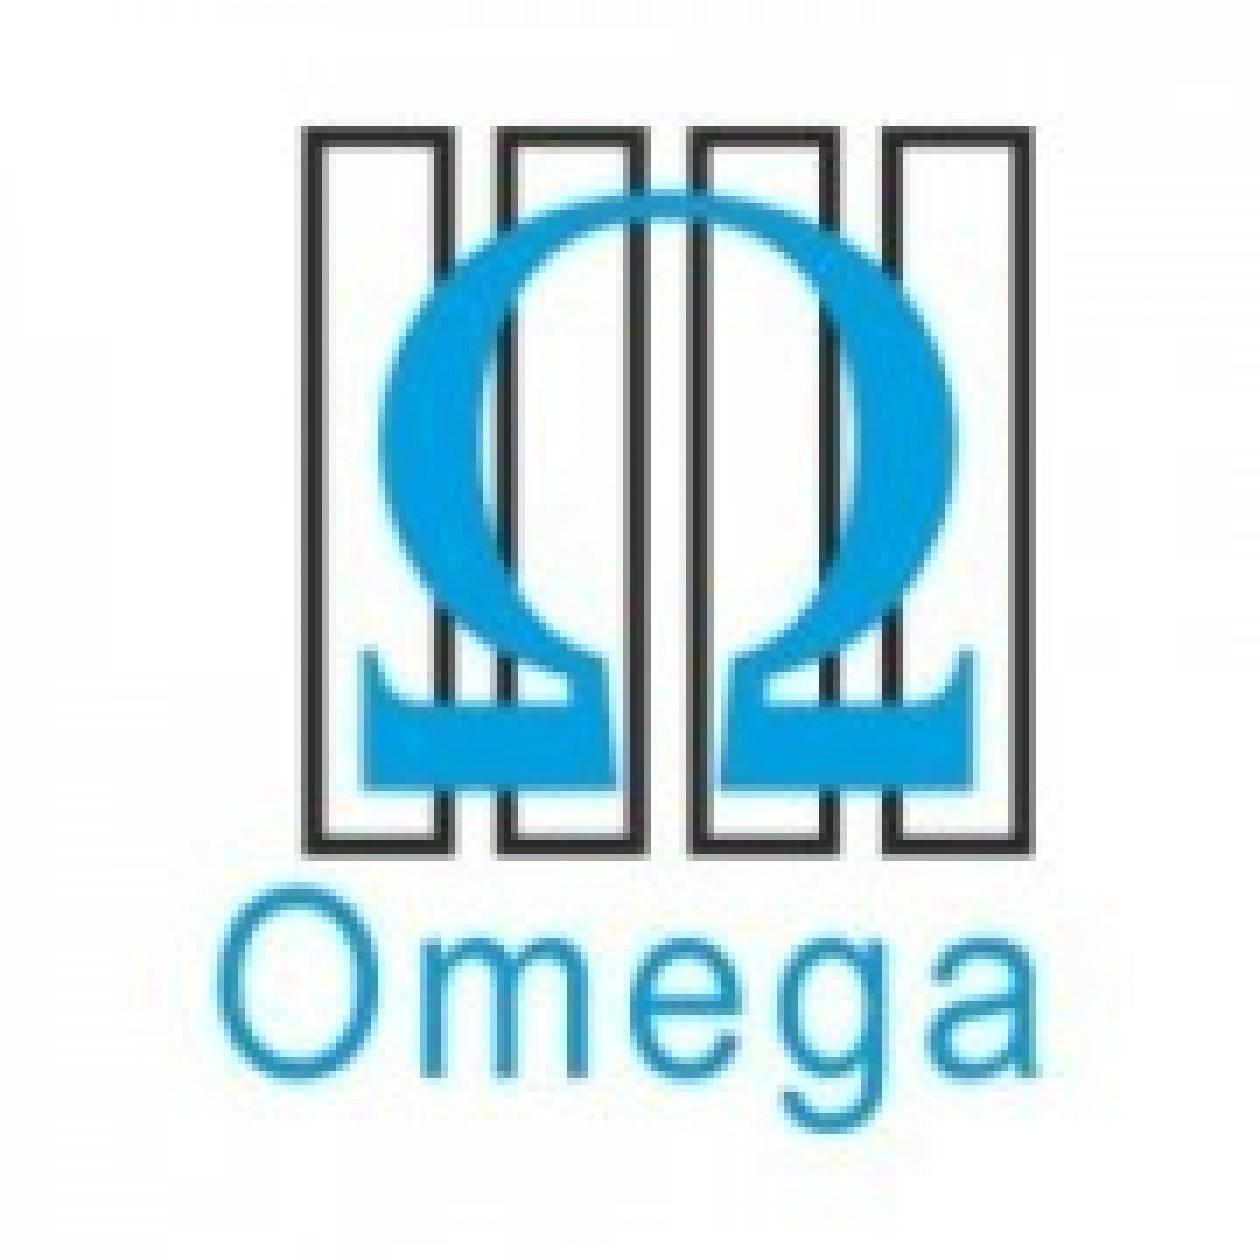 Omega Printopack Pvt ltd